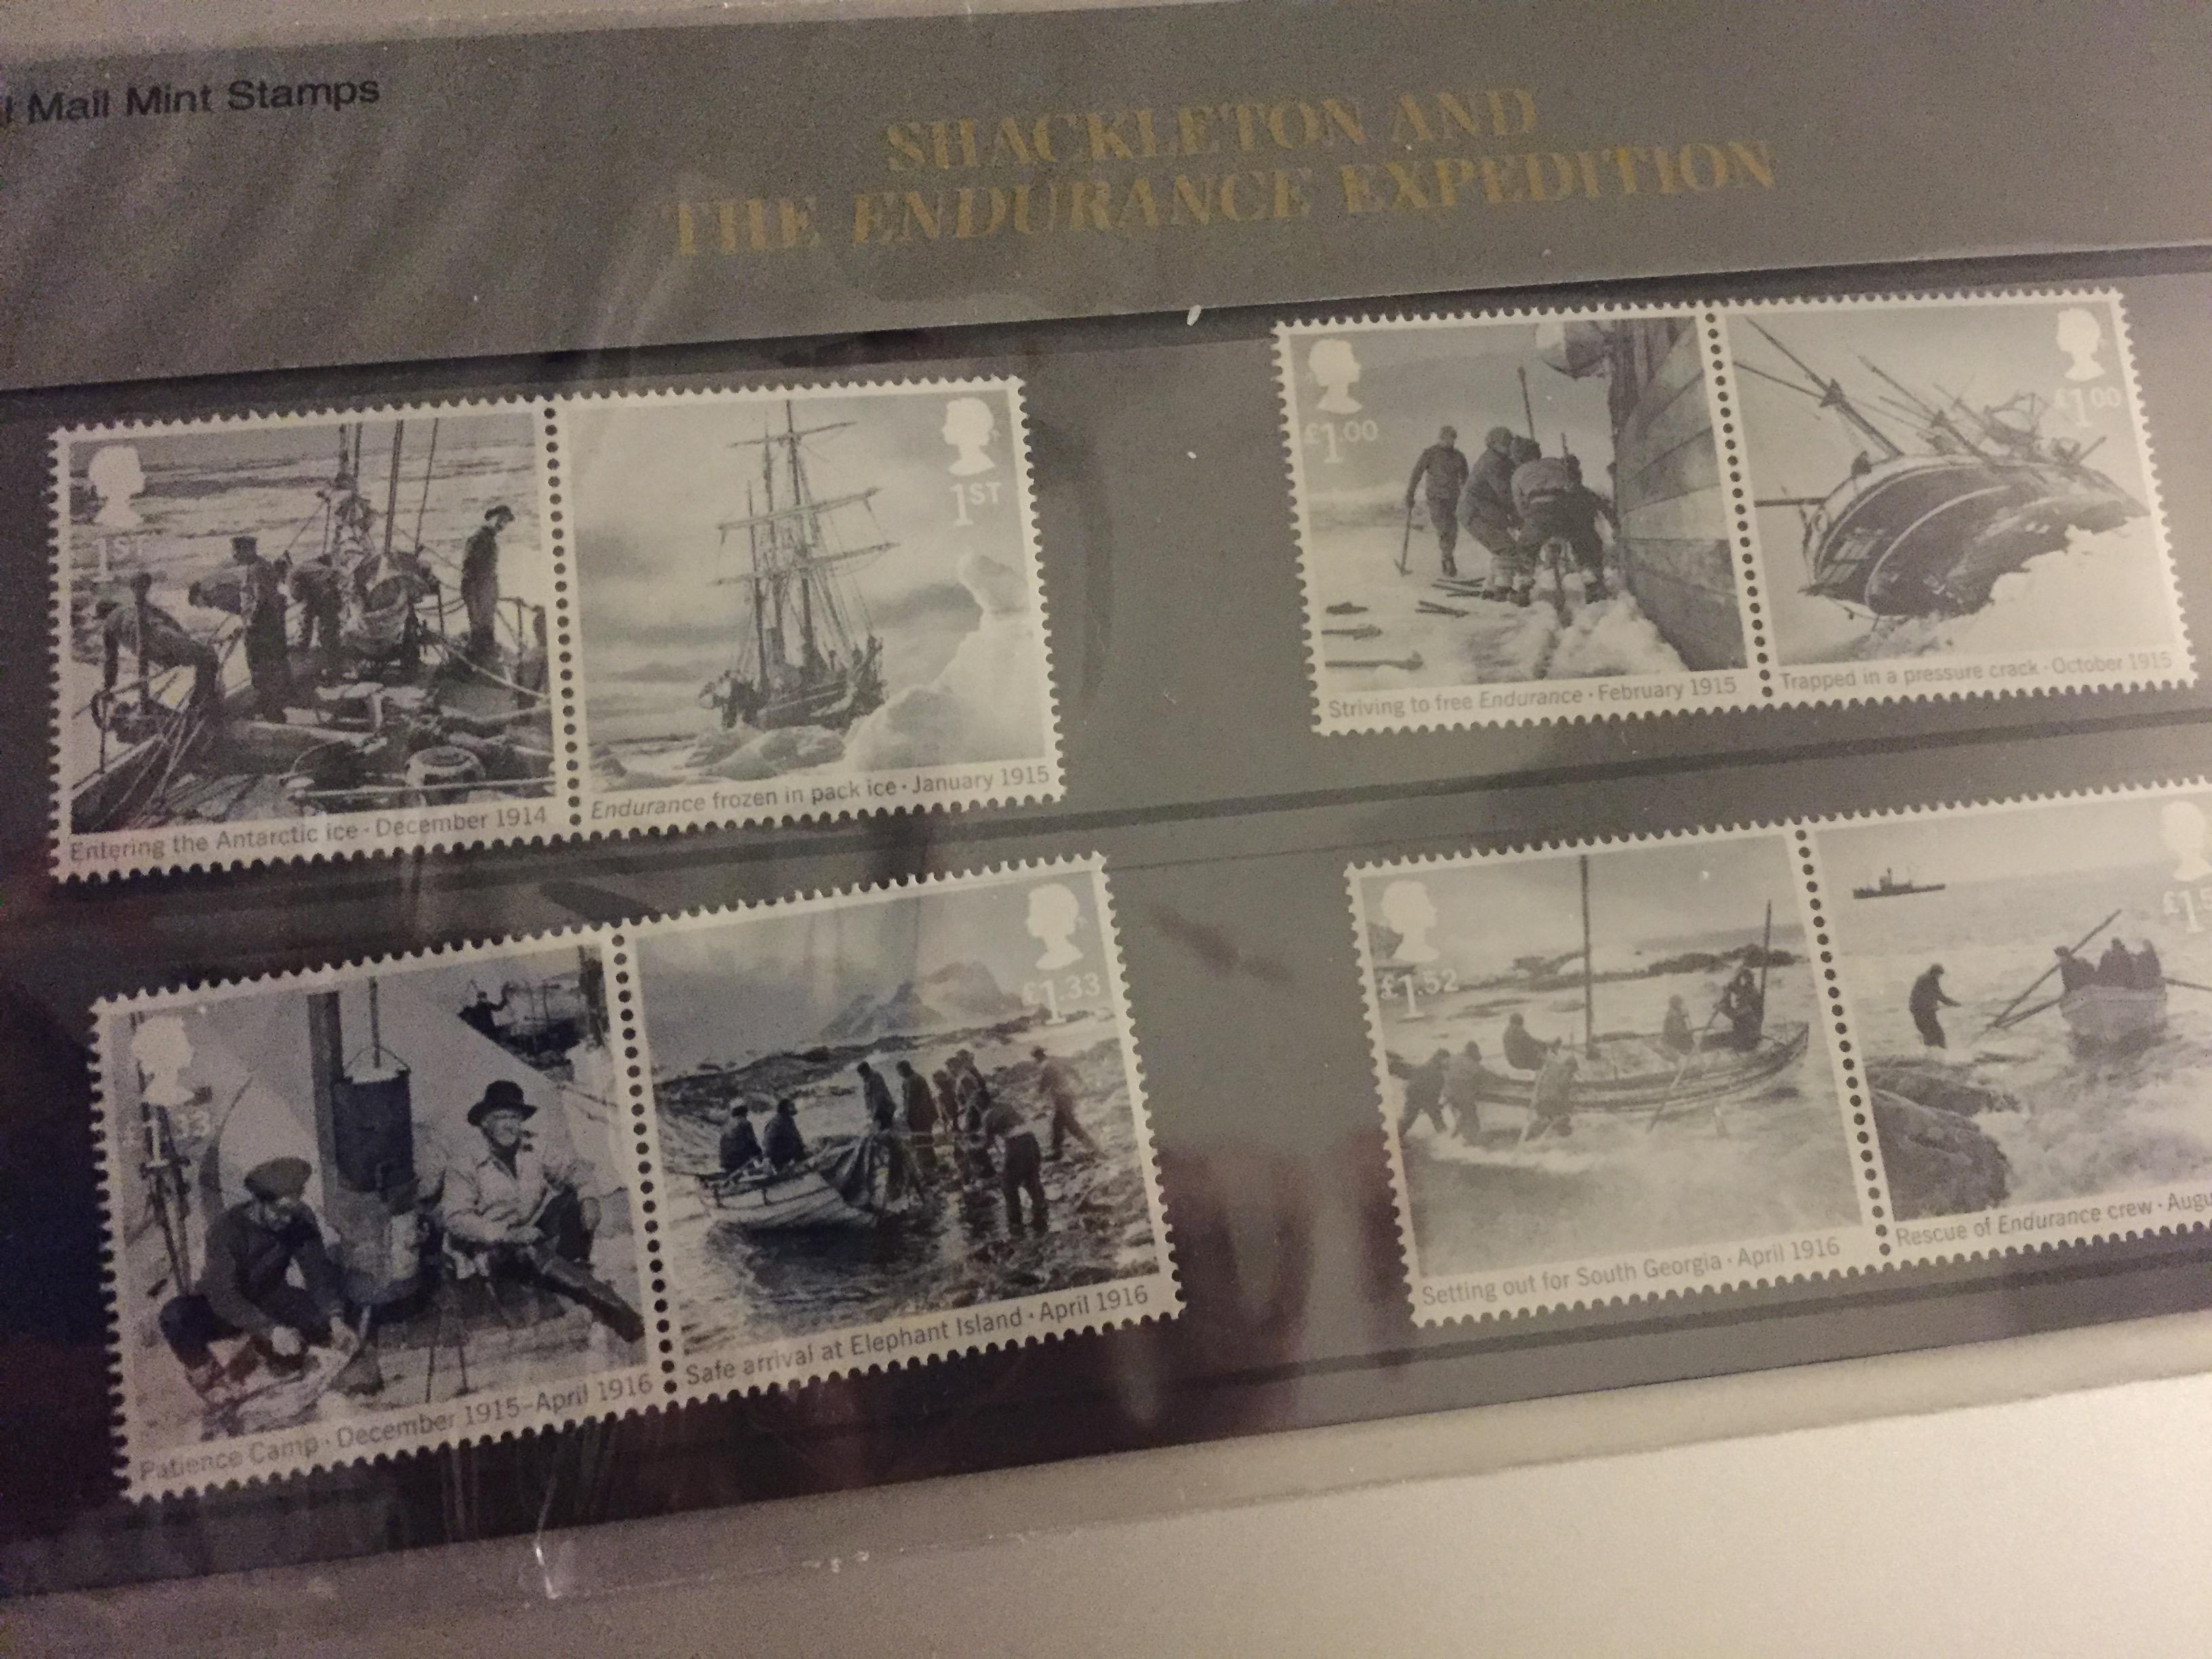 Shackleton stamps